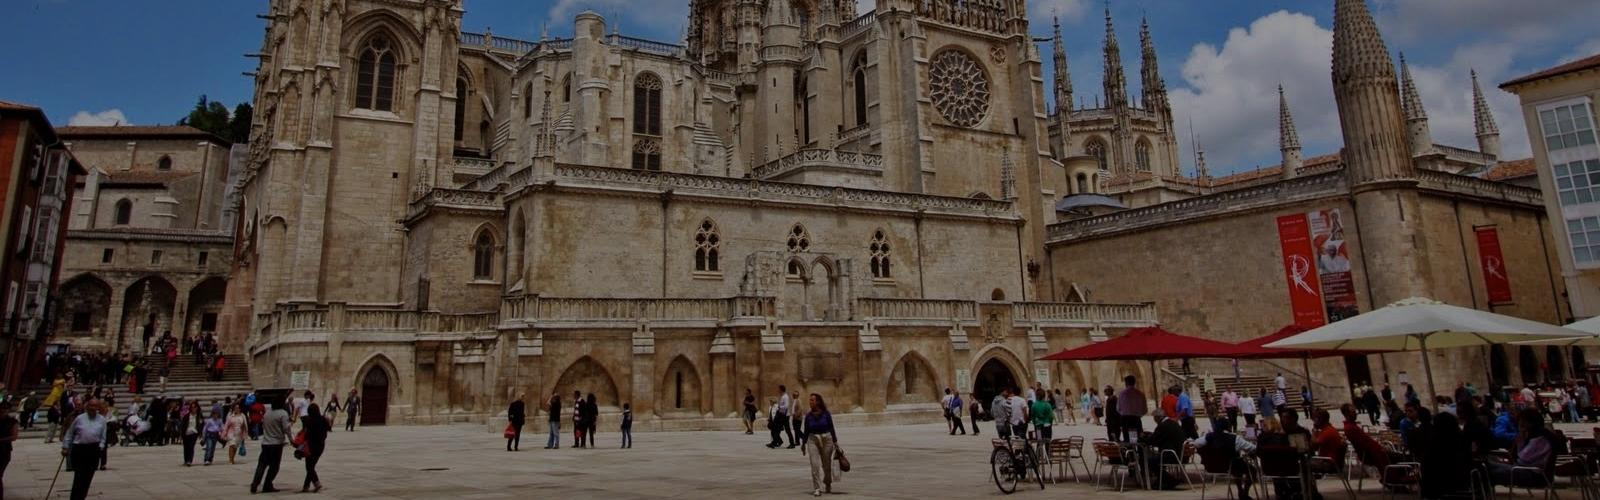 Путешествие из Мадрида в Лиссабон. Часть I. Бургос